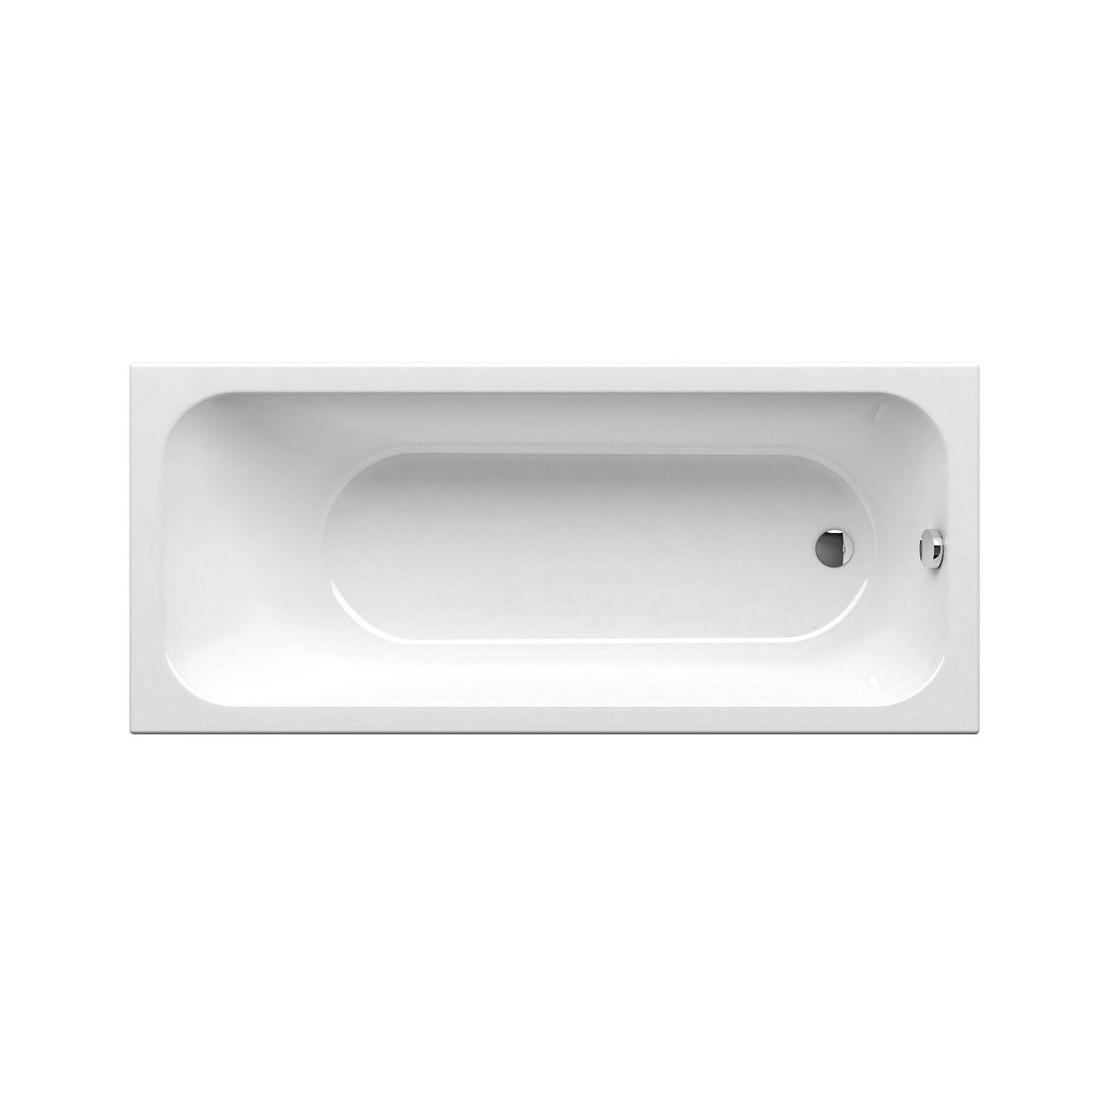 Akrilinė vonia Ravak Chrome, 170x75